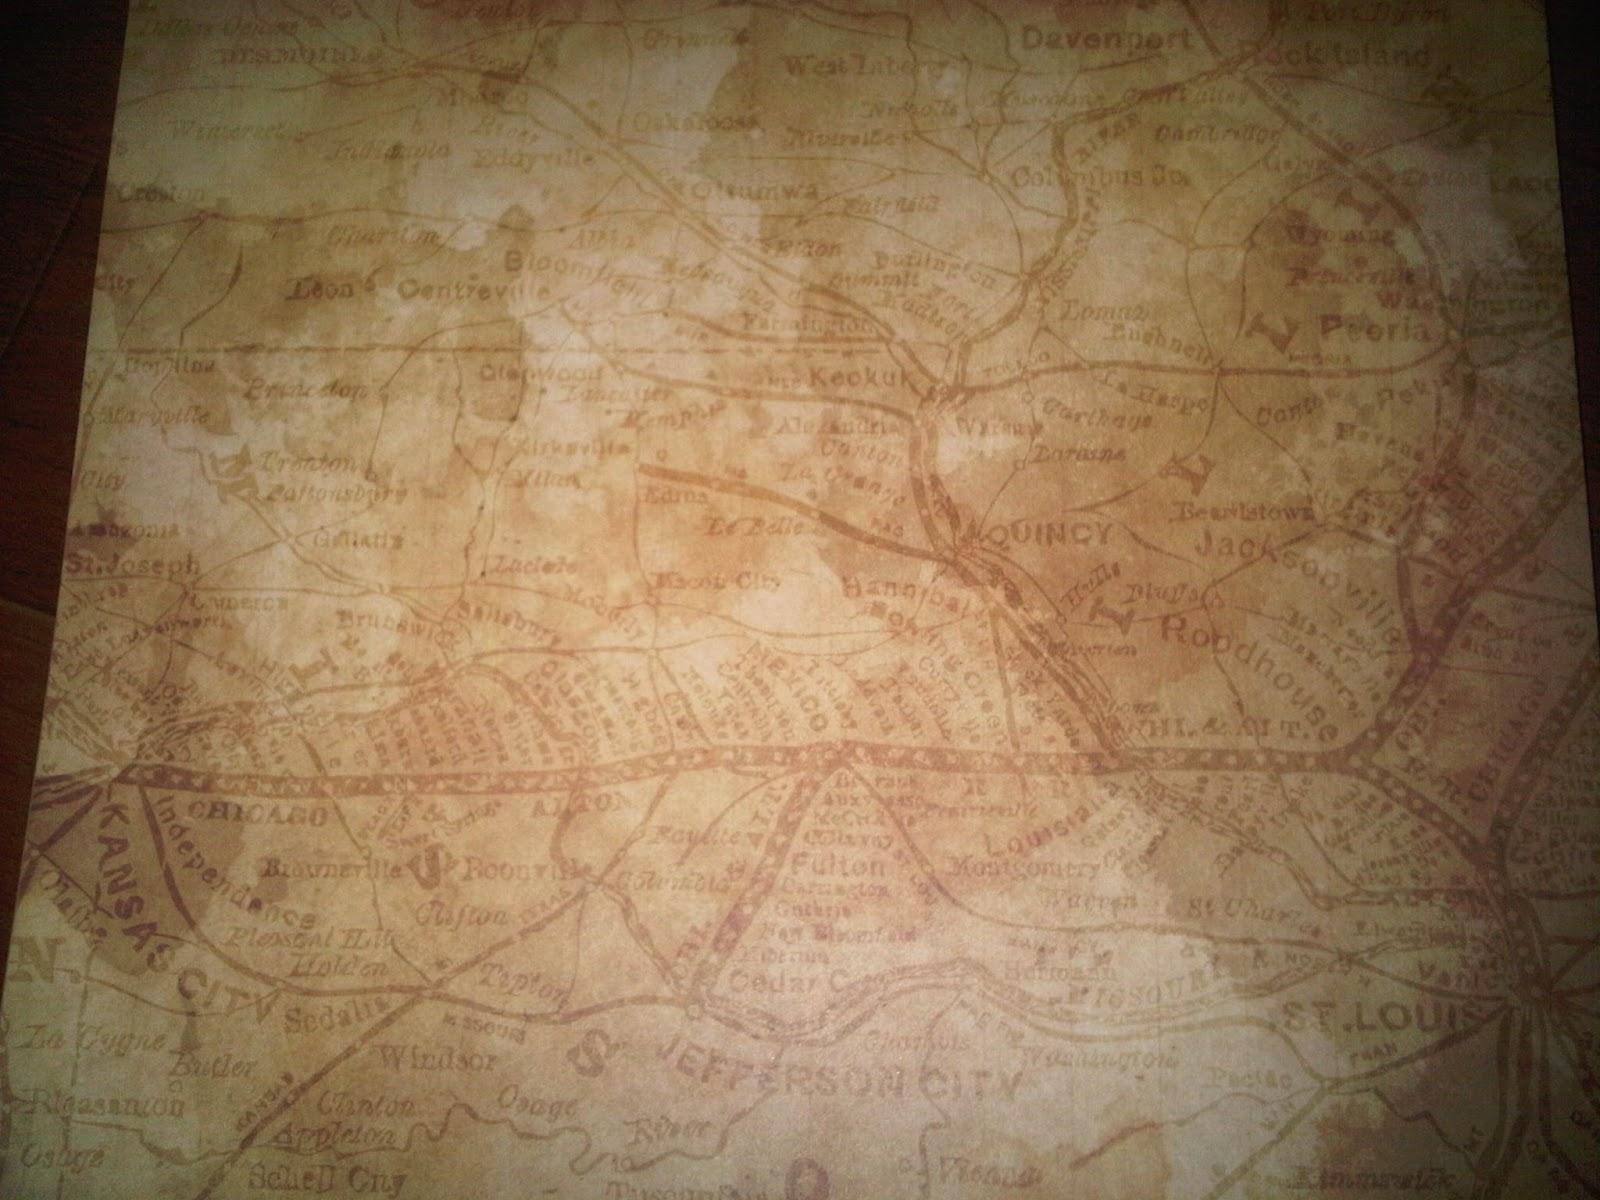 http://4.bp.blogspot.com/-TtR__T4t4tc/T-YgTJJW1HI/AAAAAAAABXc/MPYwzb96UVU/s1600/map+paper.jpg